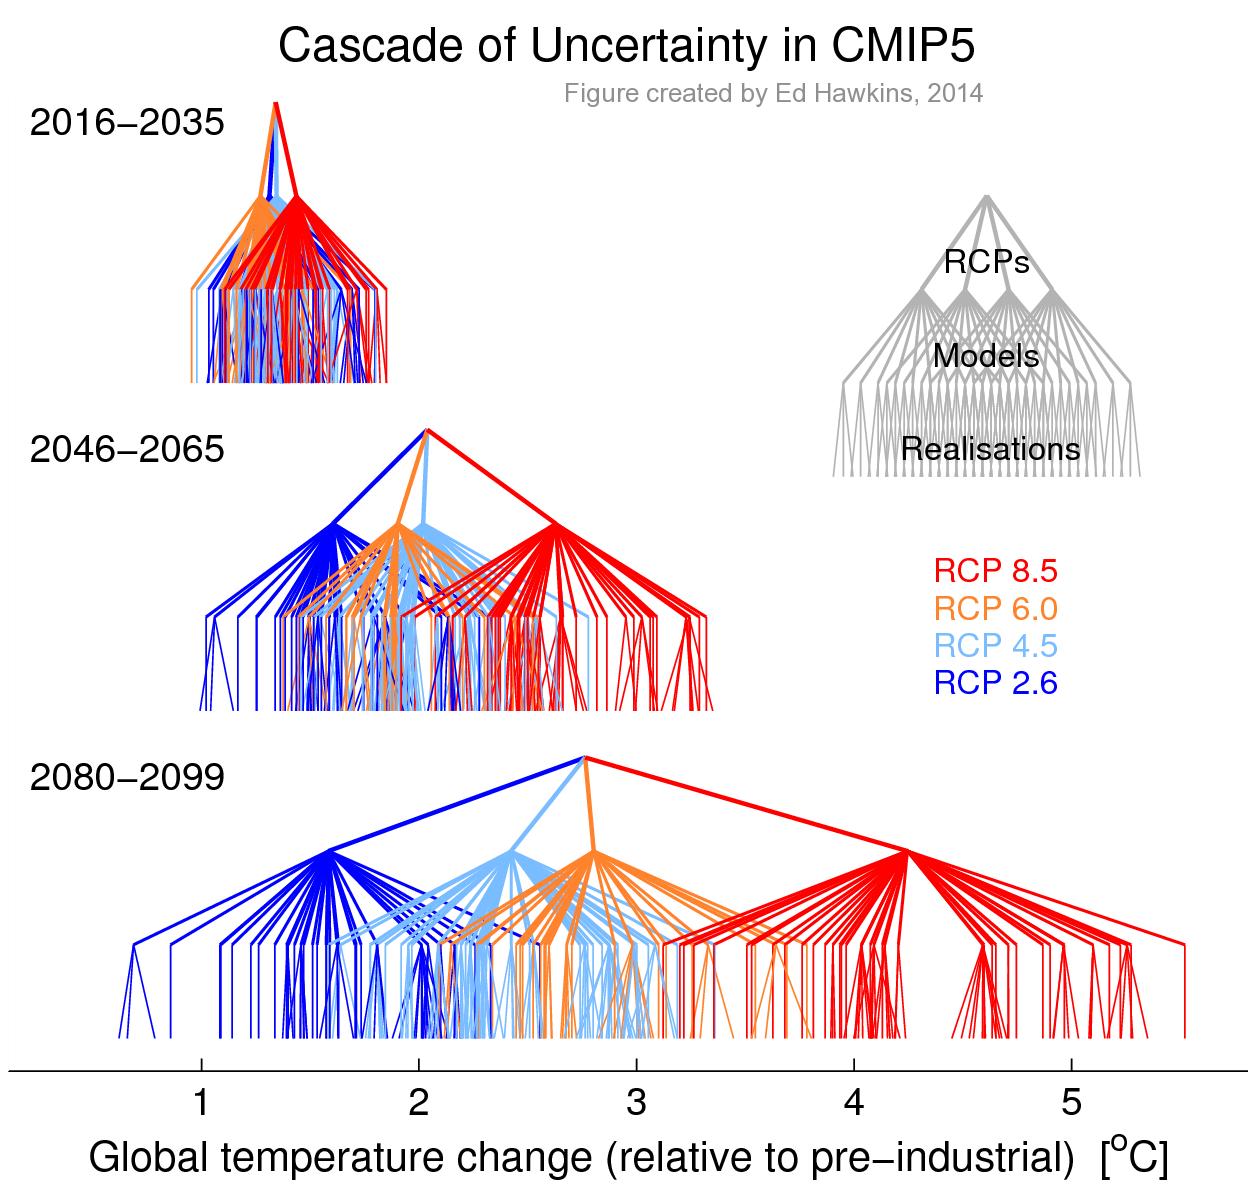 The CMIP5 cascade